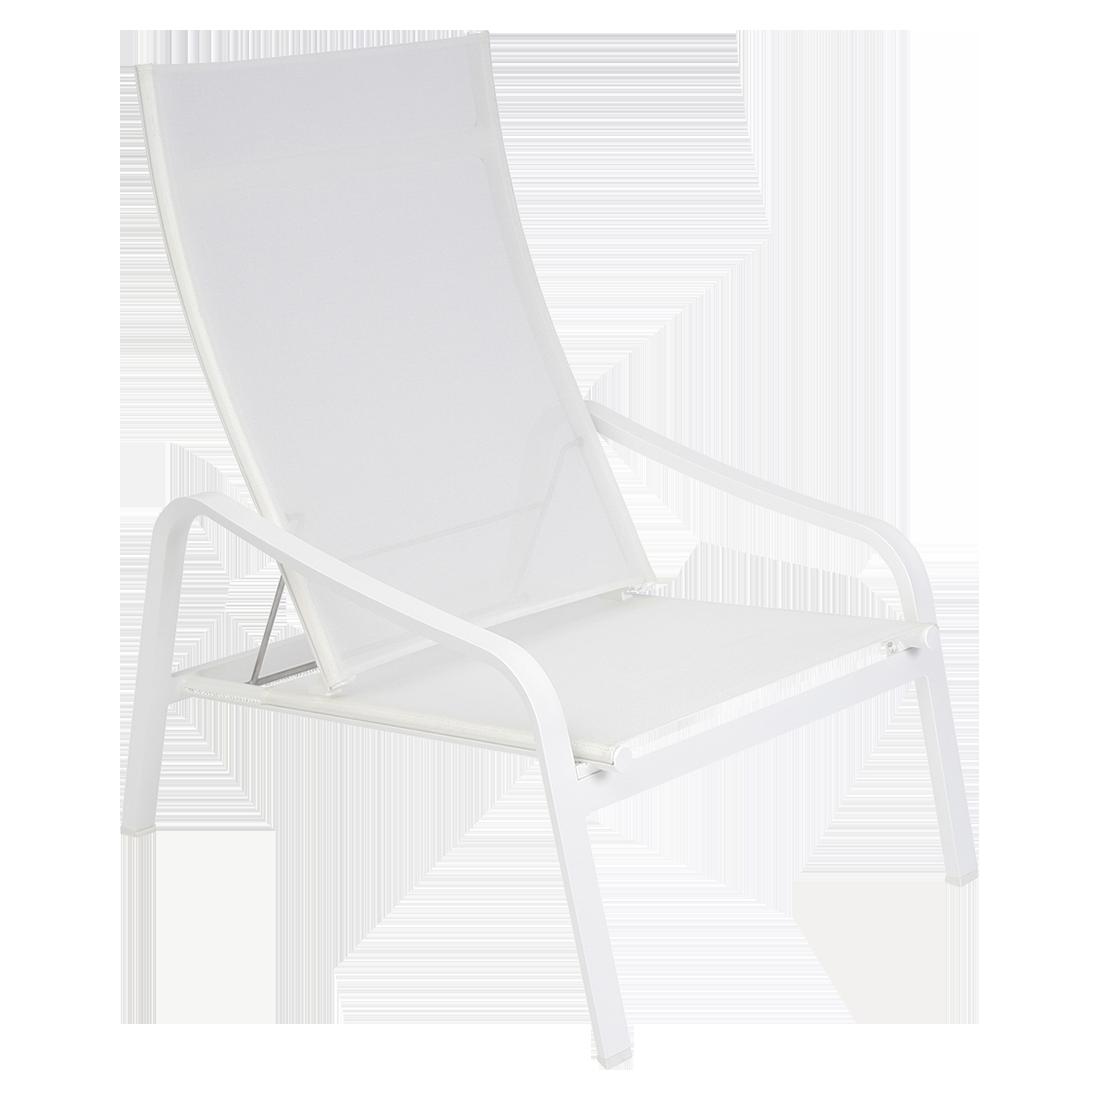 fauteuil de jardin, fauteuil fermob, fauteuil piscine, fauteuil en toile, fauteuil de jardin blanc